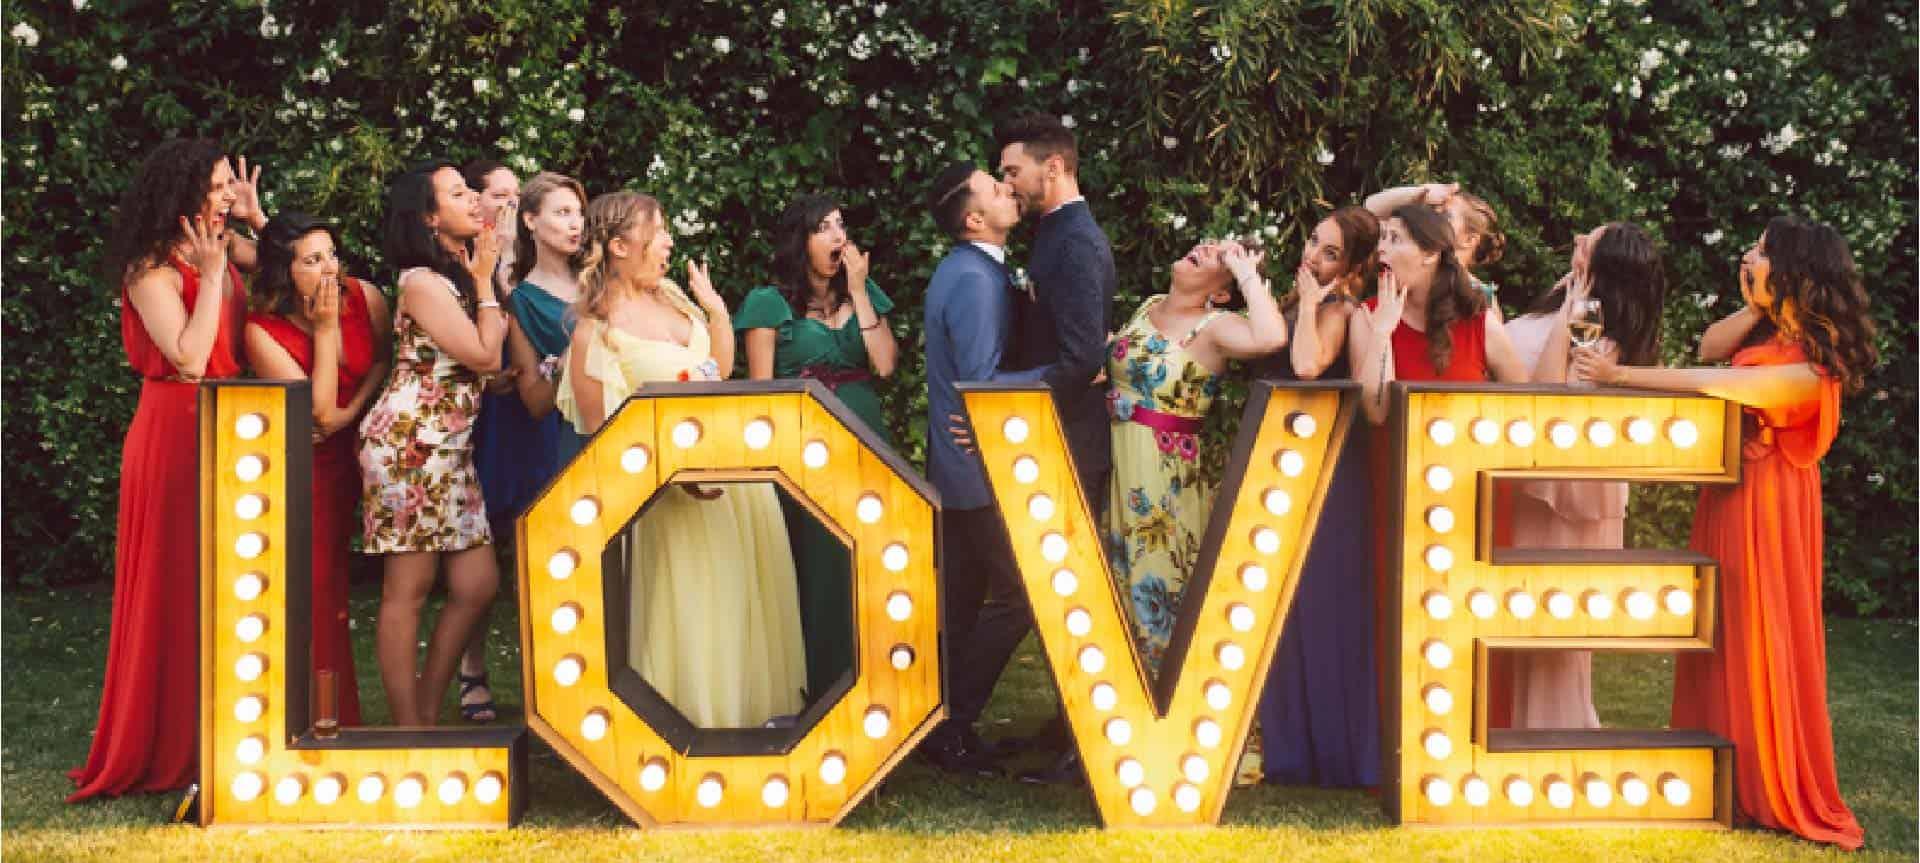 reportaje de boda gay